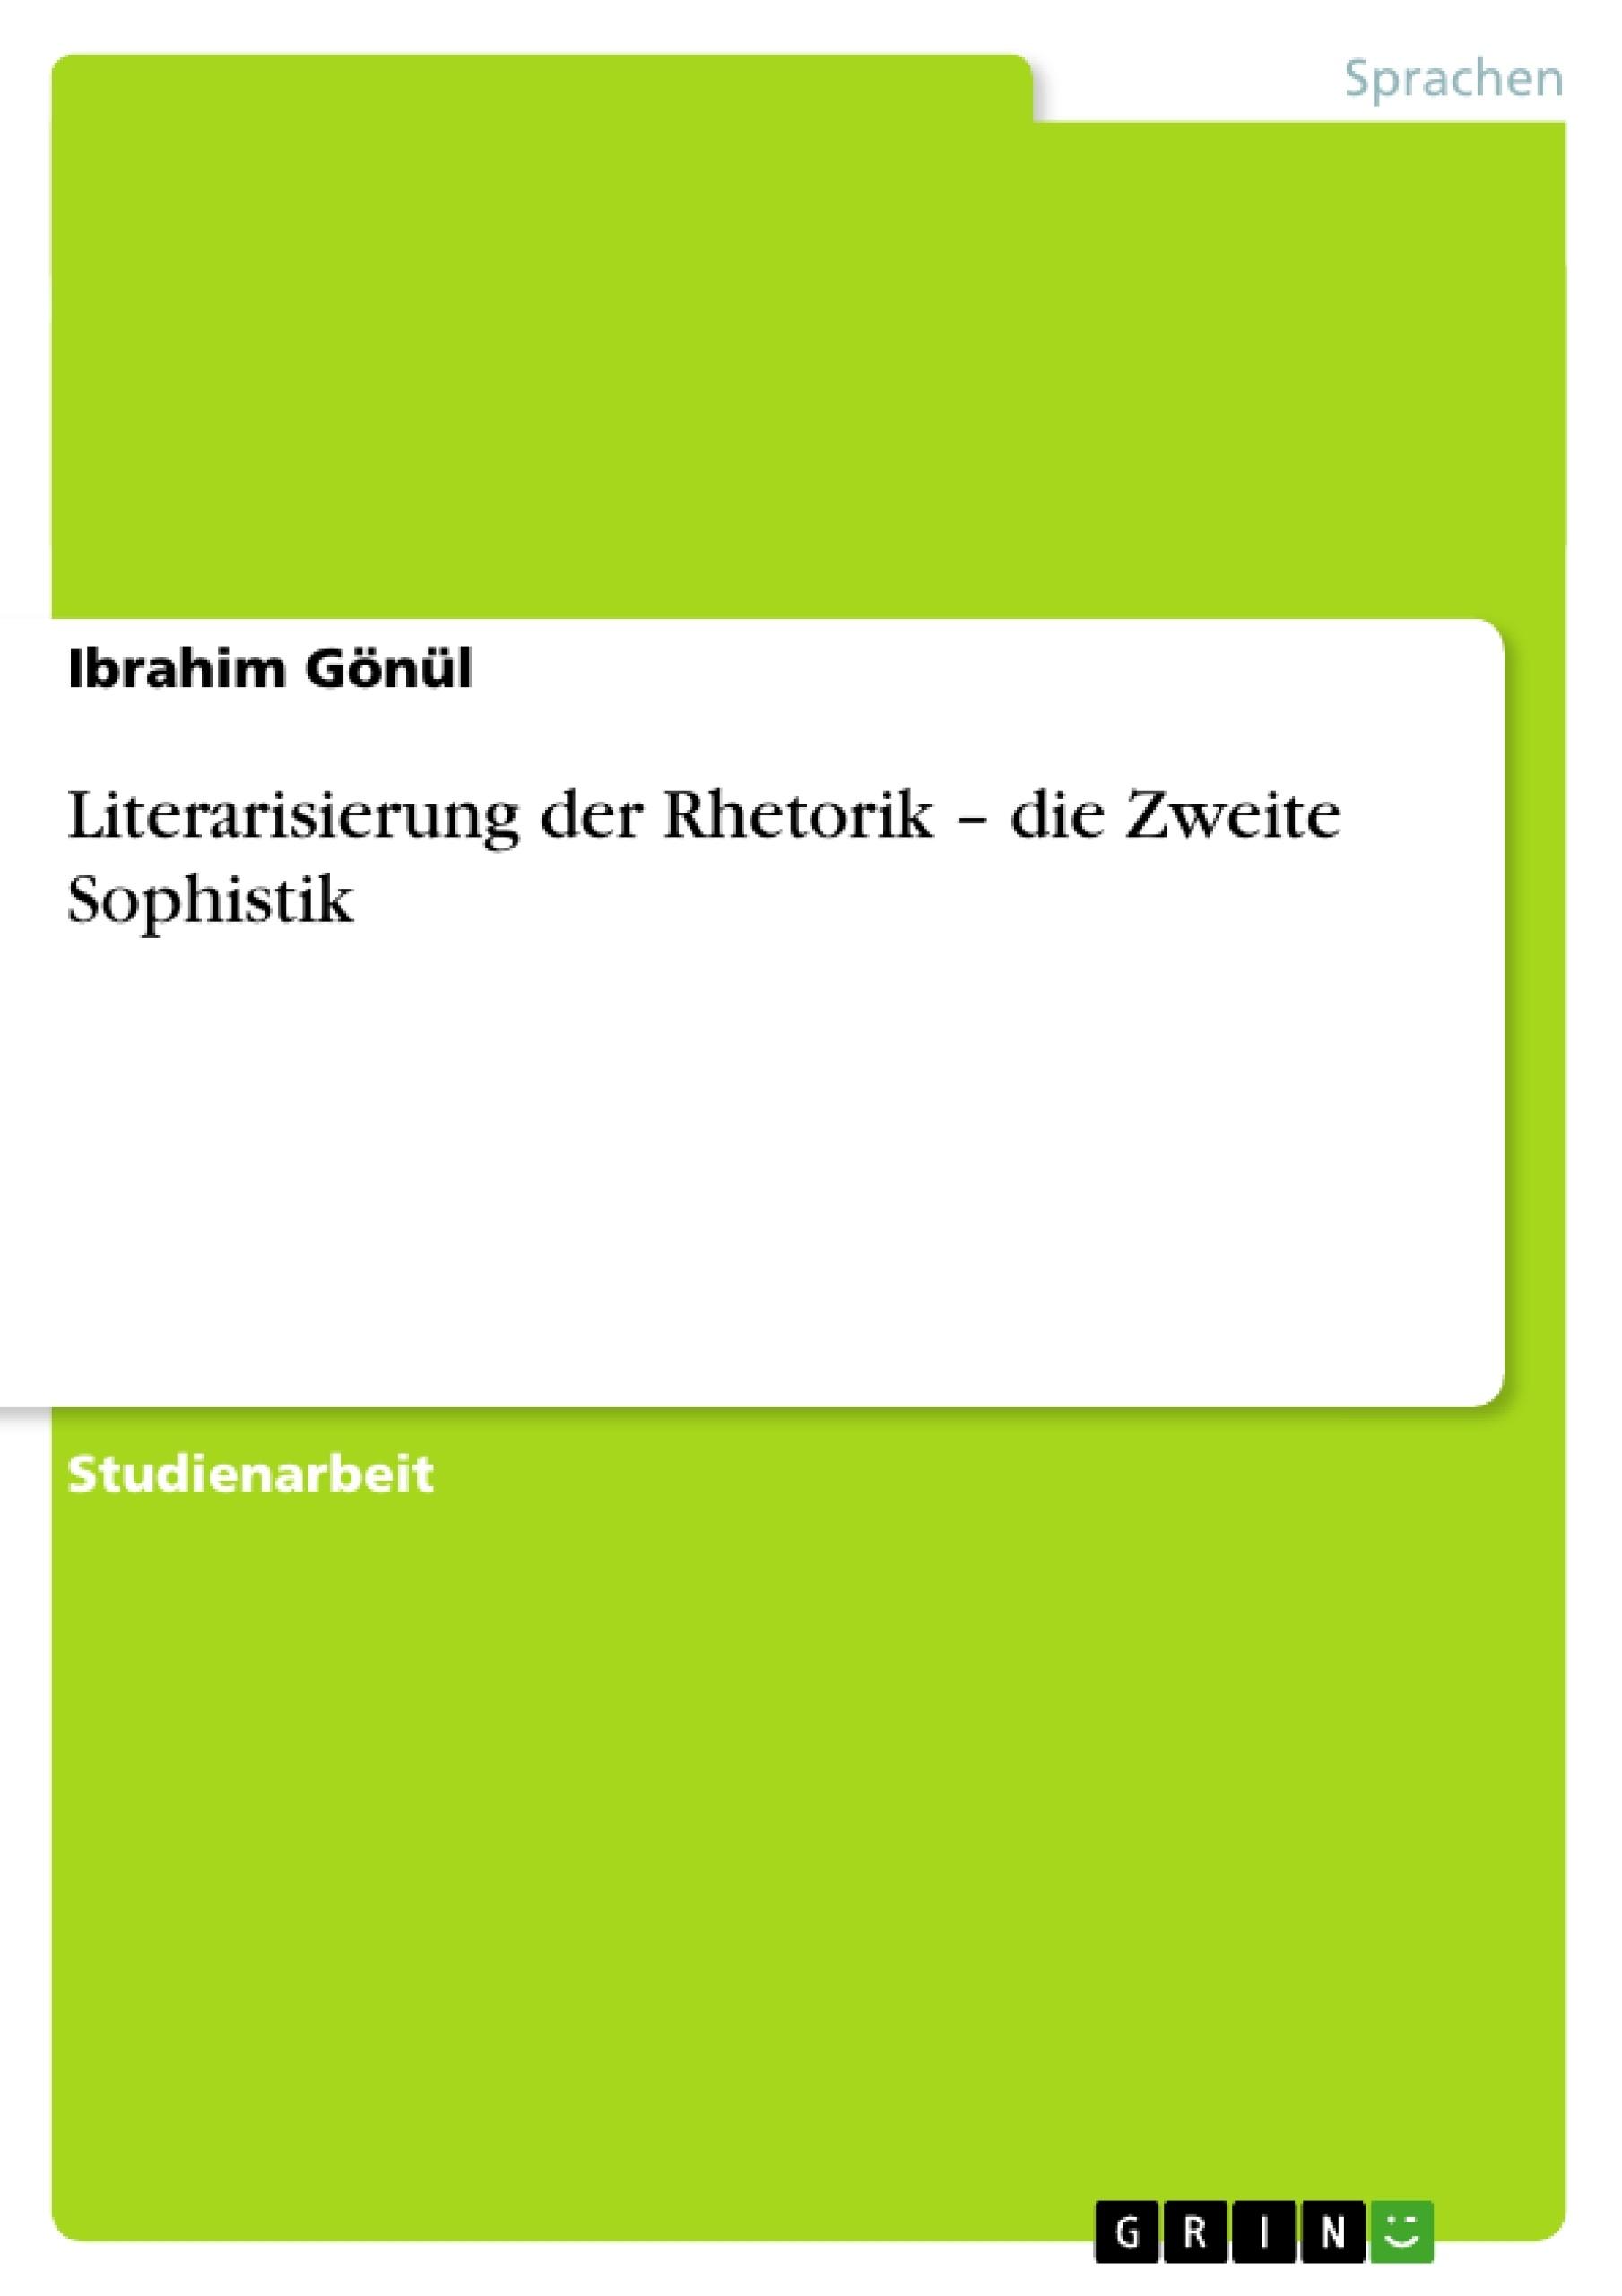 Titel: Literarisierung der Rhetorik – die Zweite Sophistik